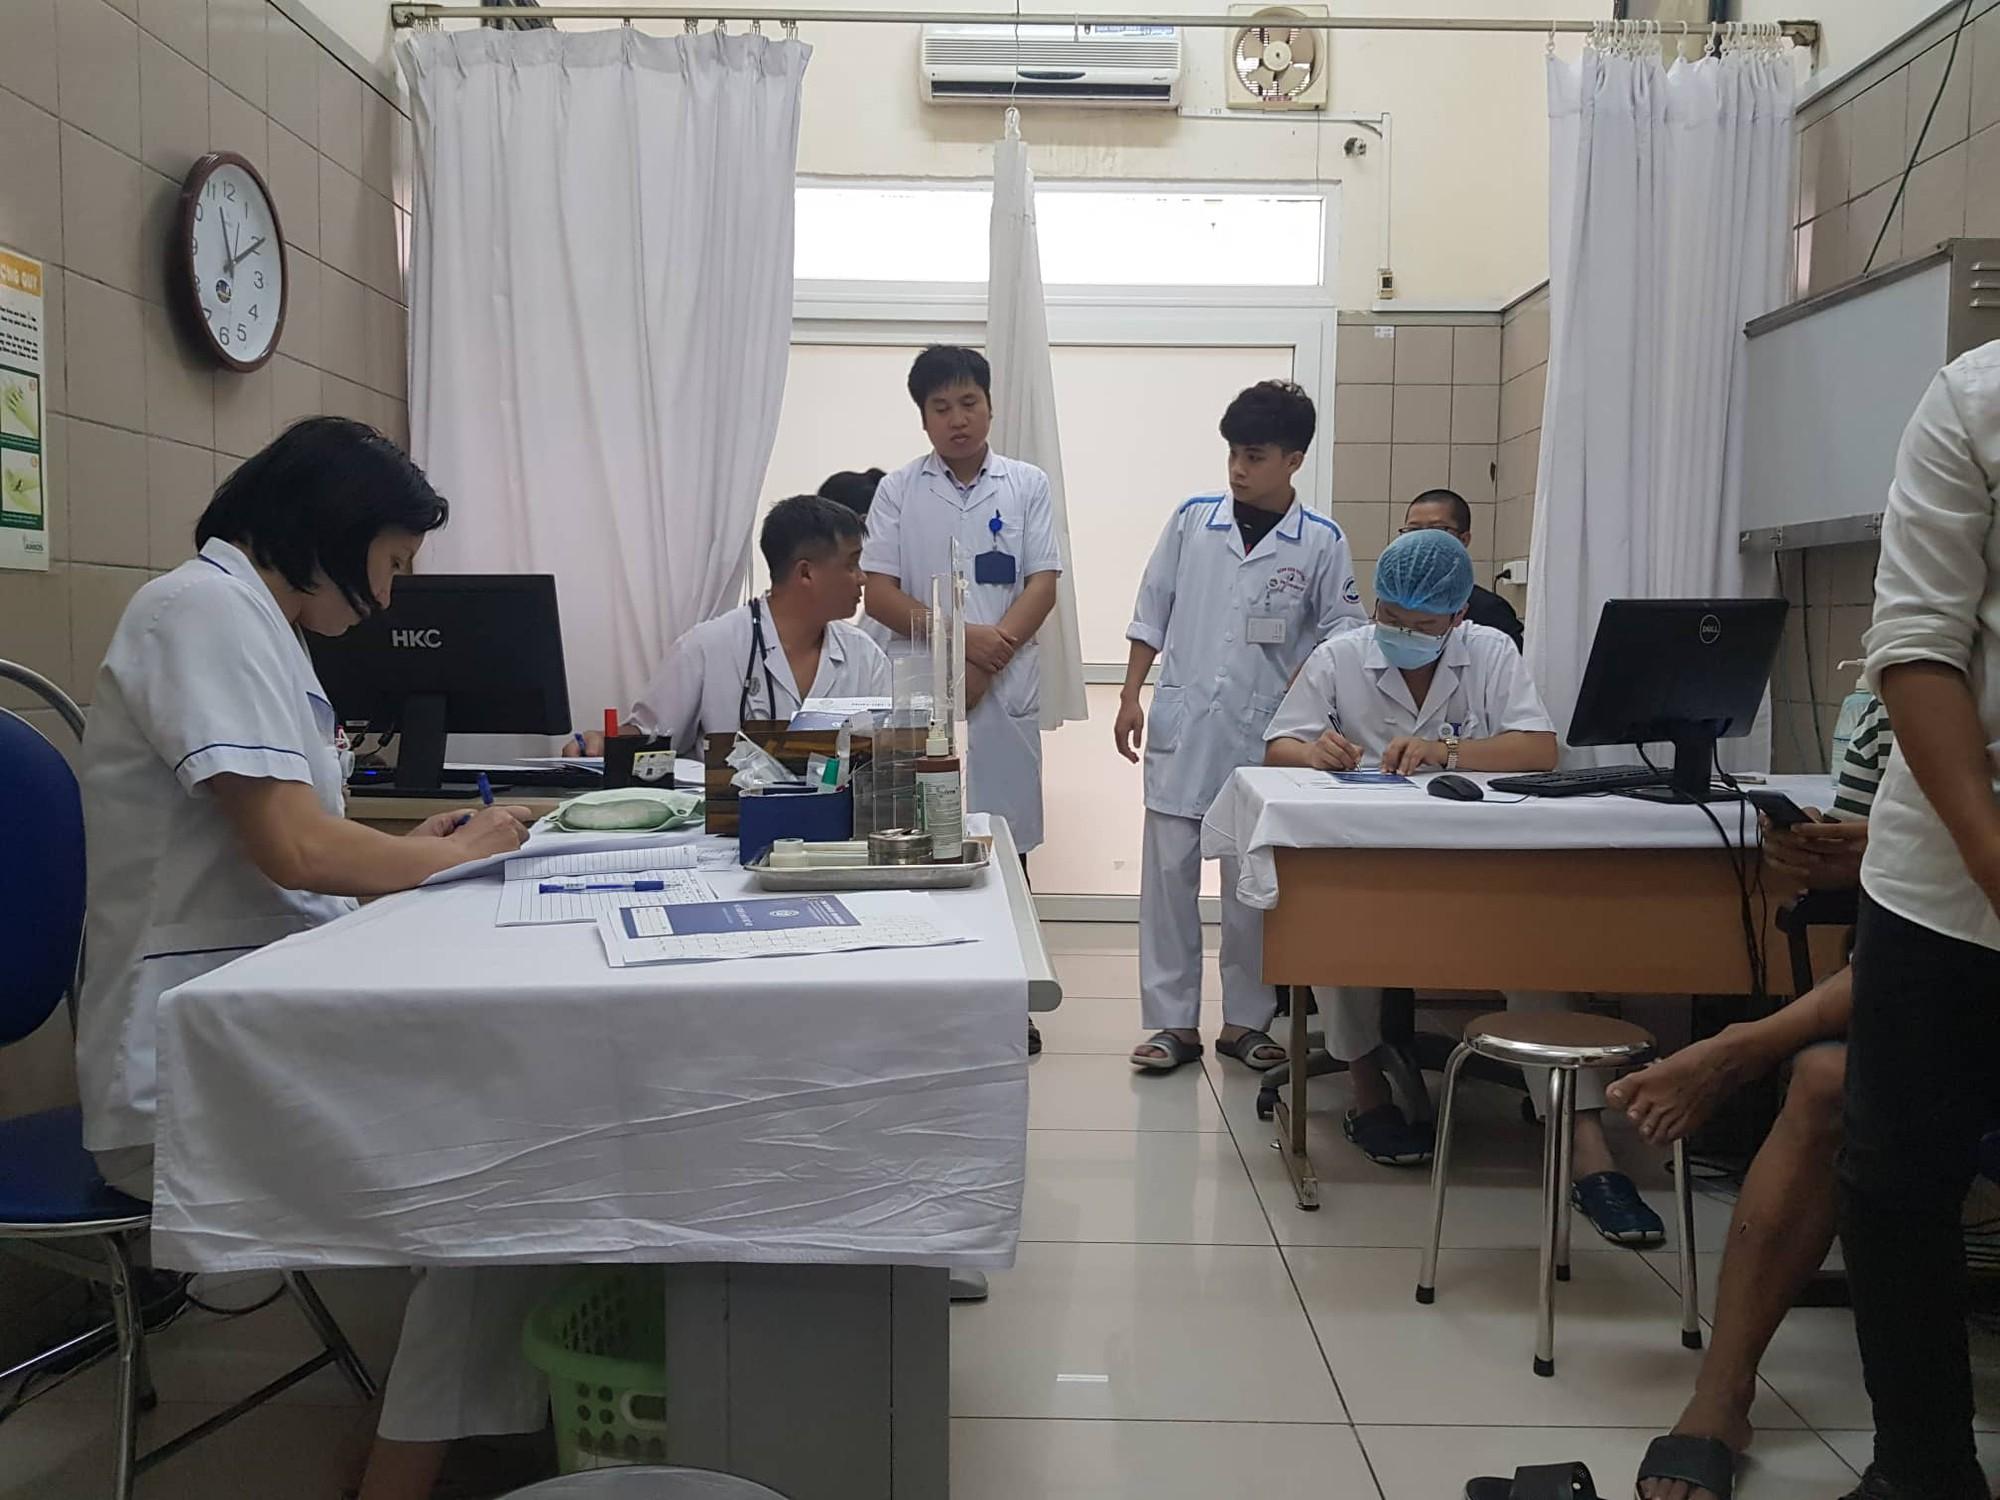 Vụ cháy Công ty bóng đèn phích nước Rạng Đông: Tổ chức khám sức khỏe miễn phí tại khu vực bán kính 500m theo yêu cầu của người dân-2